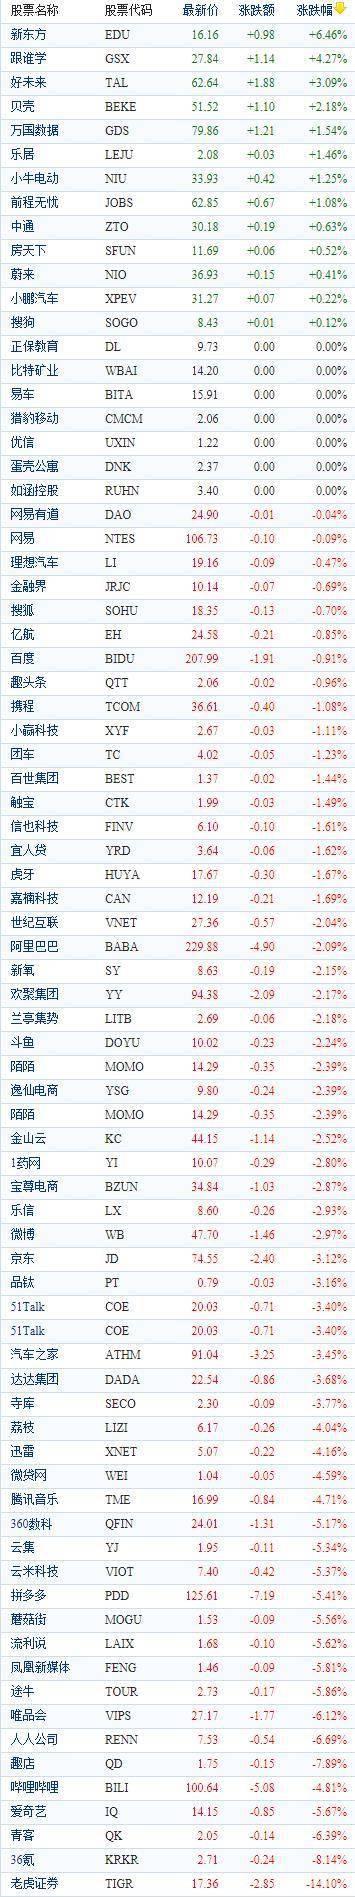 中国概念股周二收盘普遍下跌 券商股重挫富途证券跌逾23%